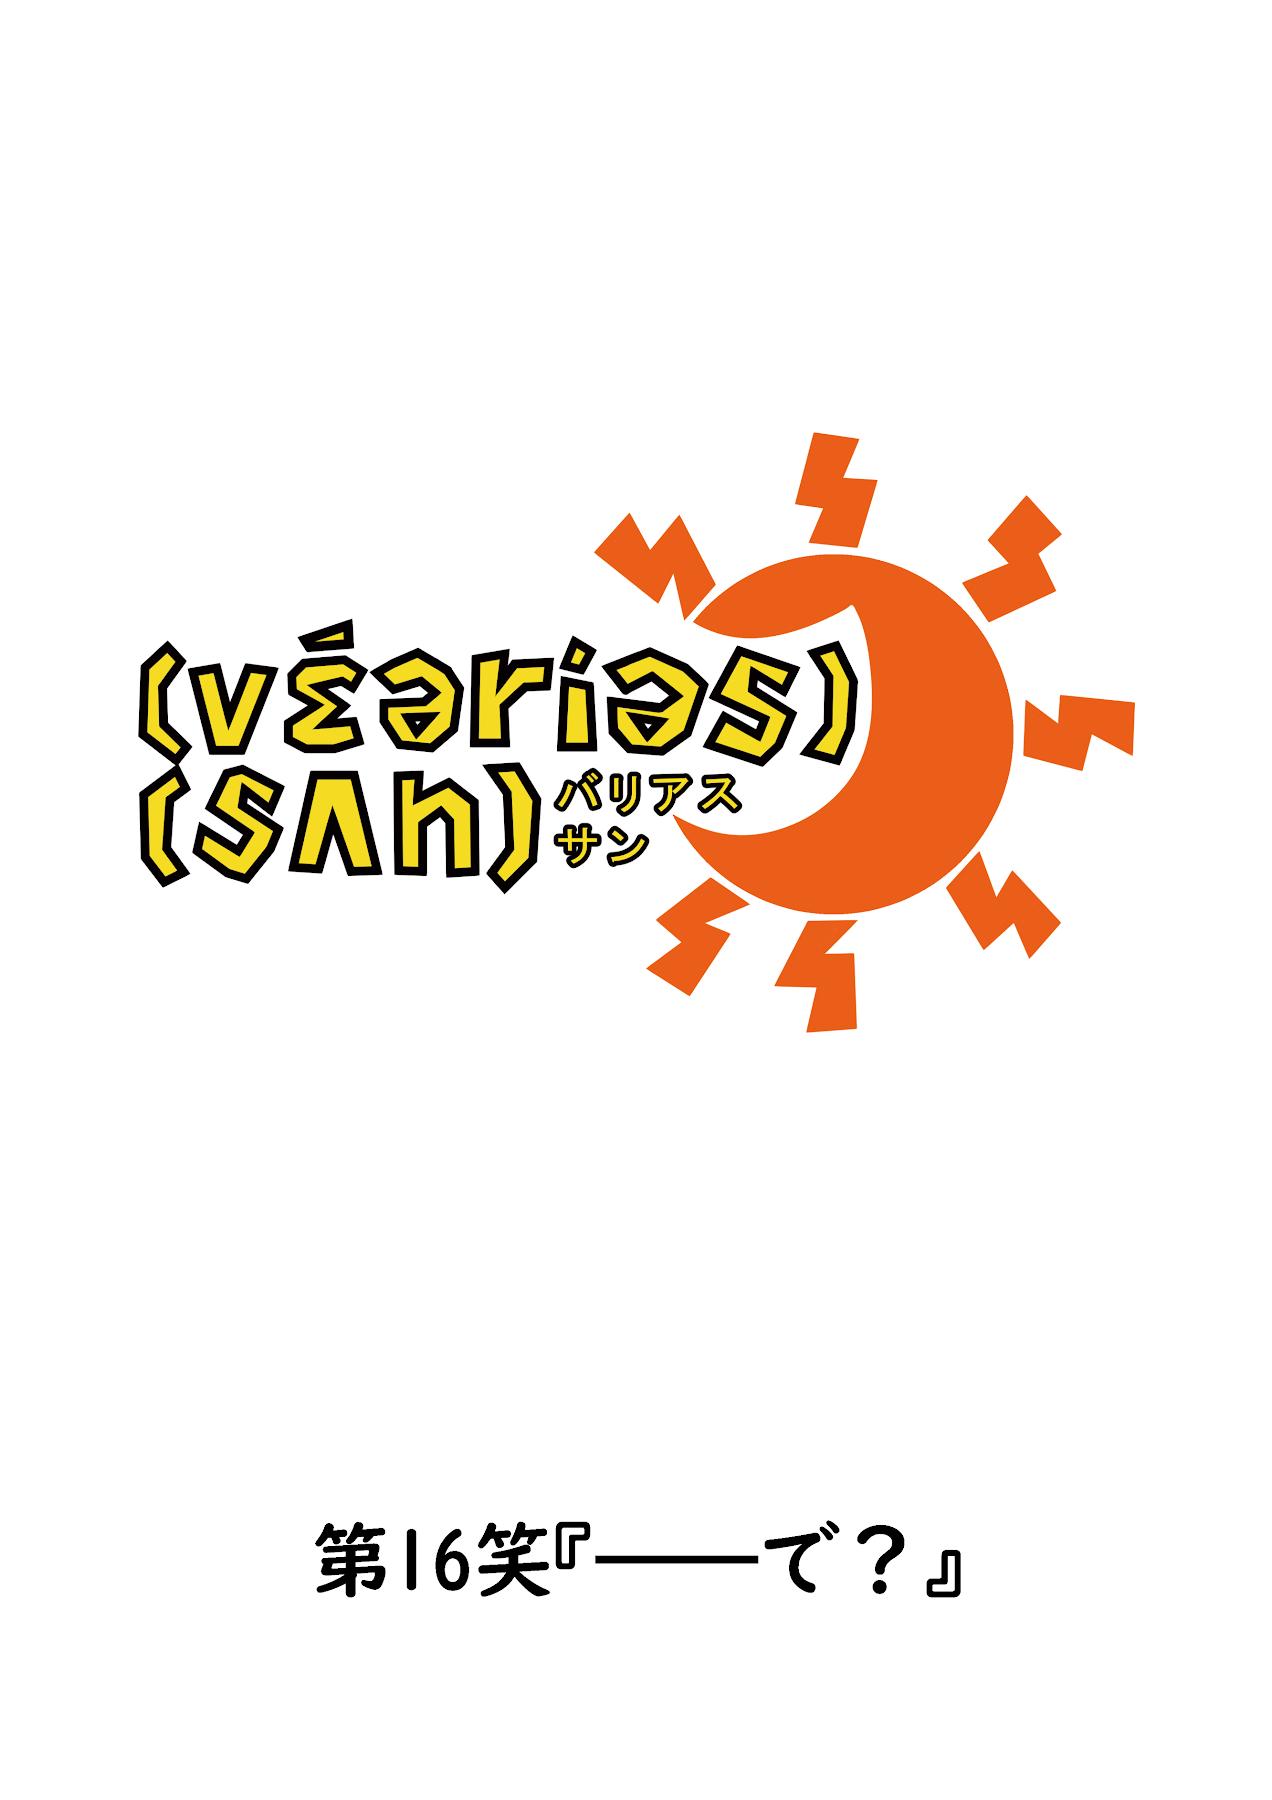 バリアス・サン16_1